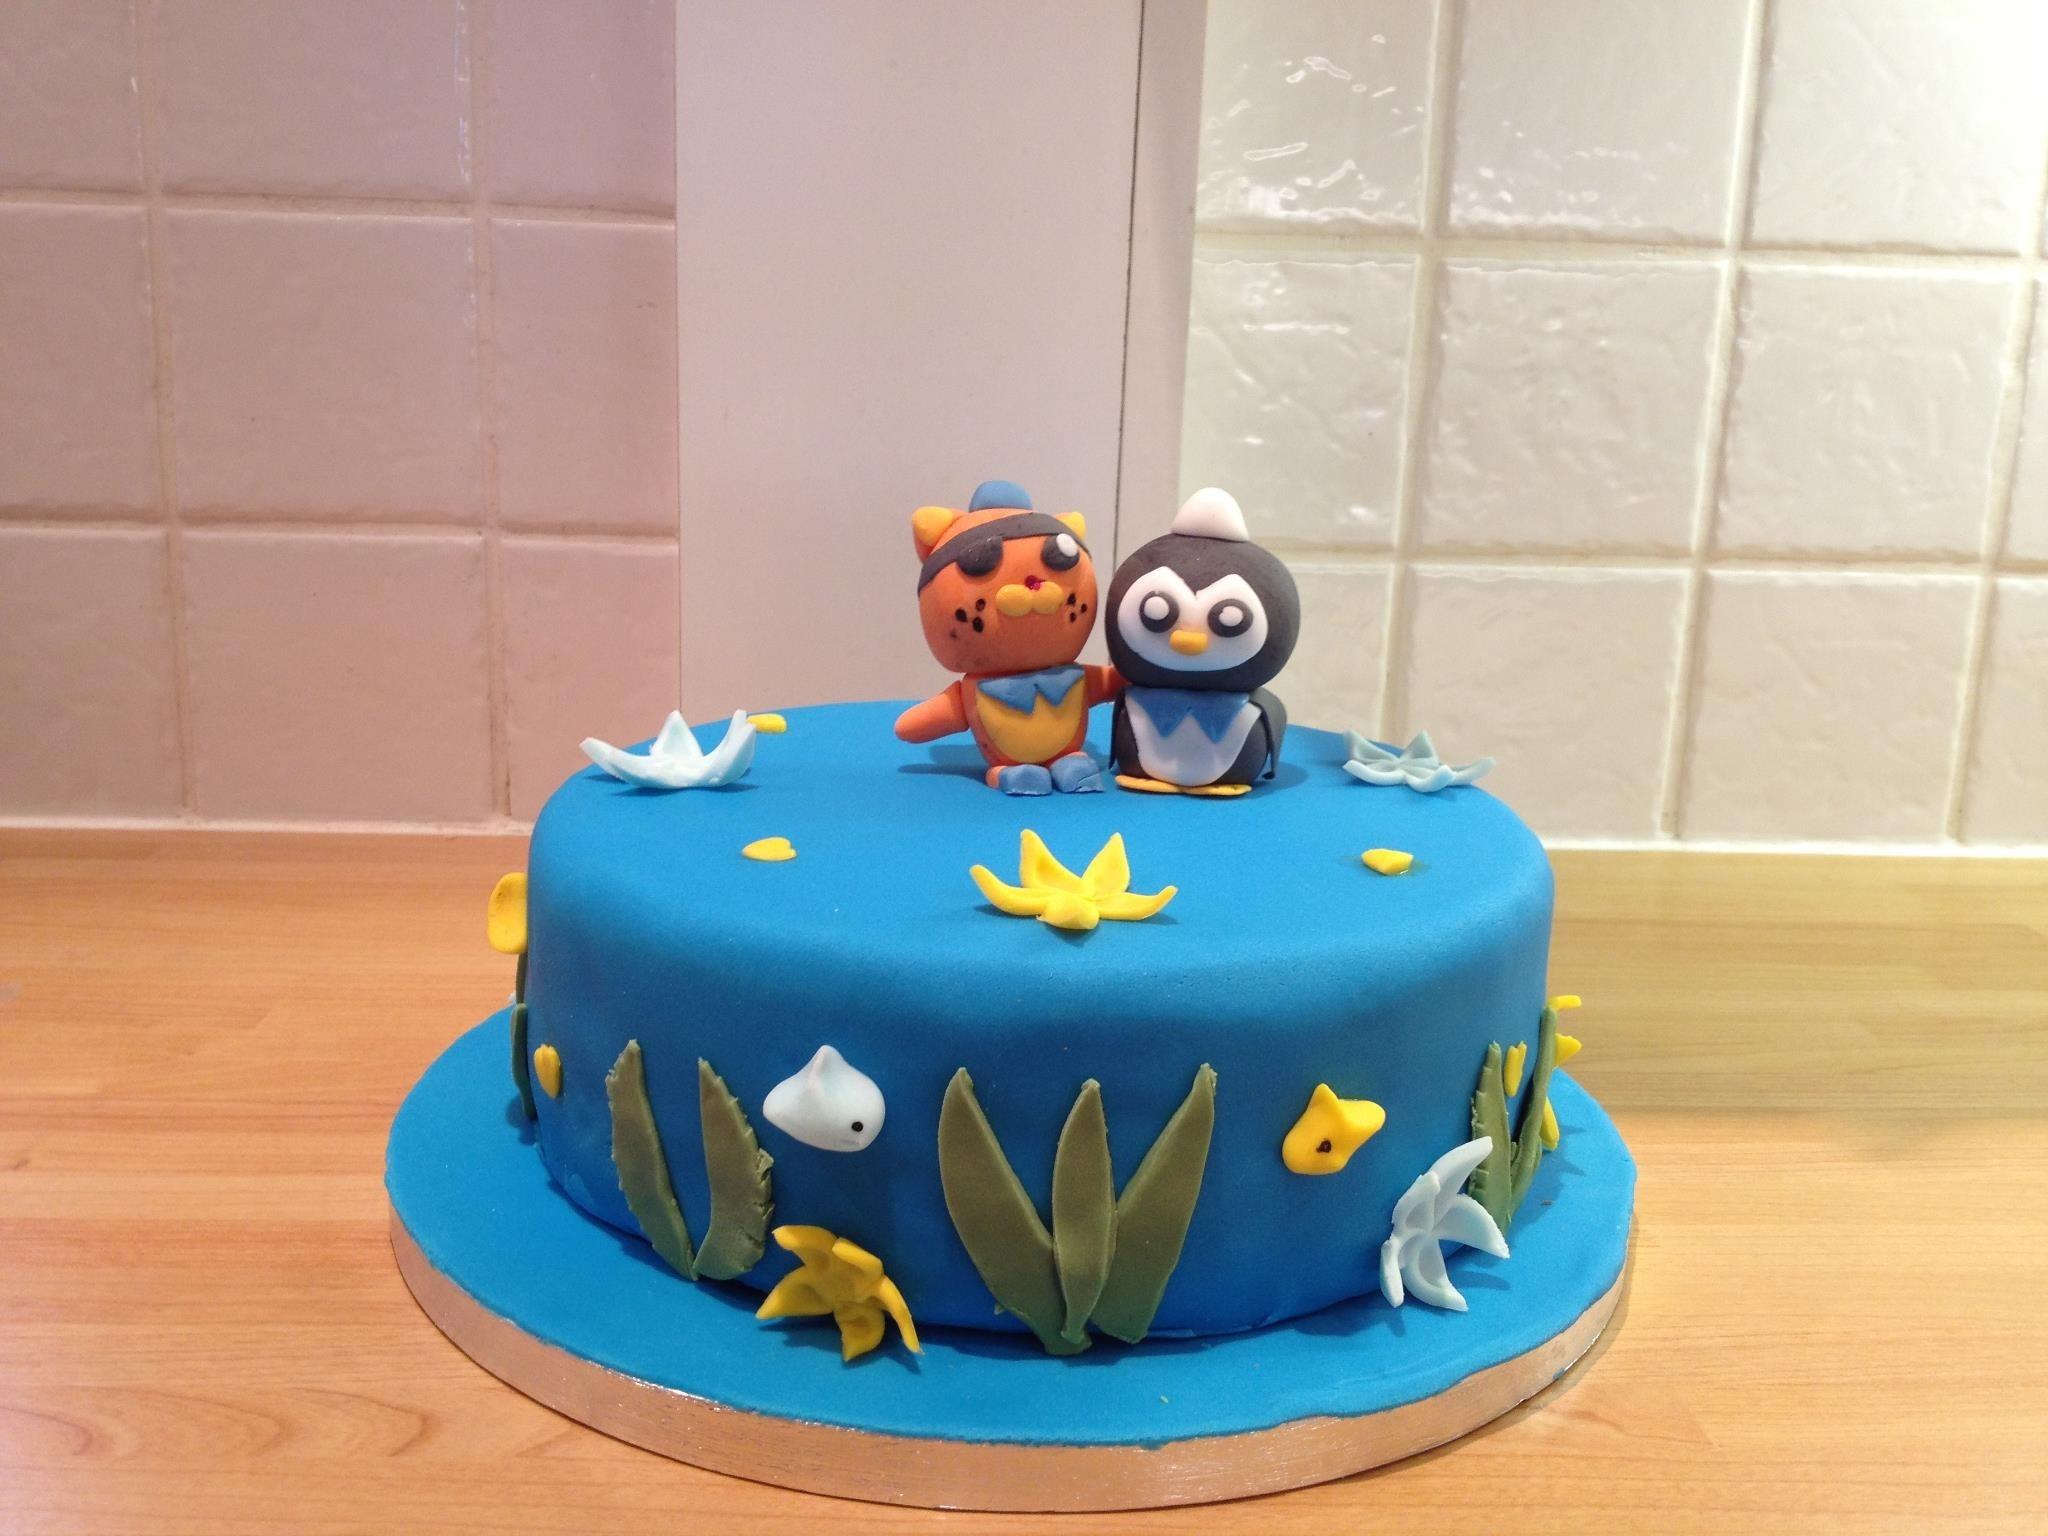 Octonauts Cake Decorations Uk : Octonauts Birthday Cake The Great British Bake Off